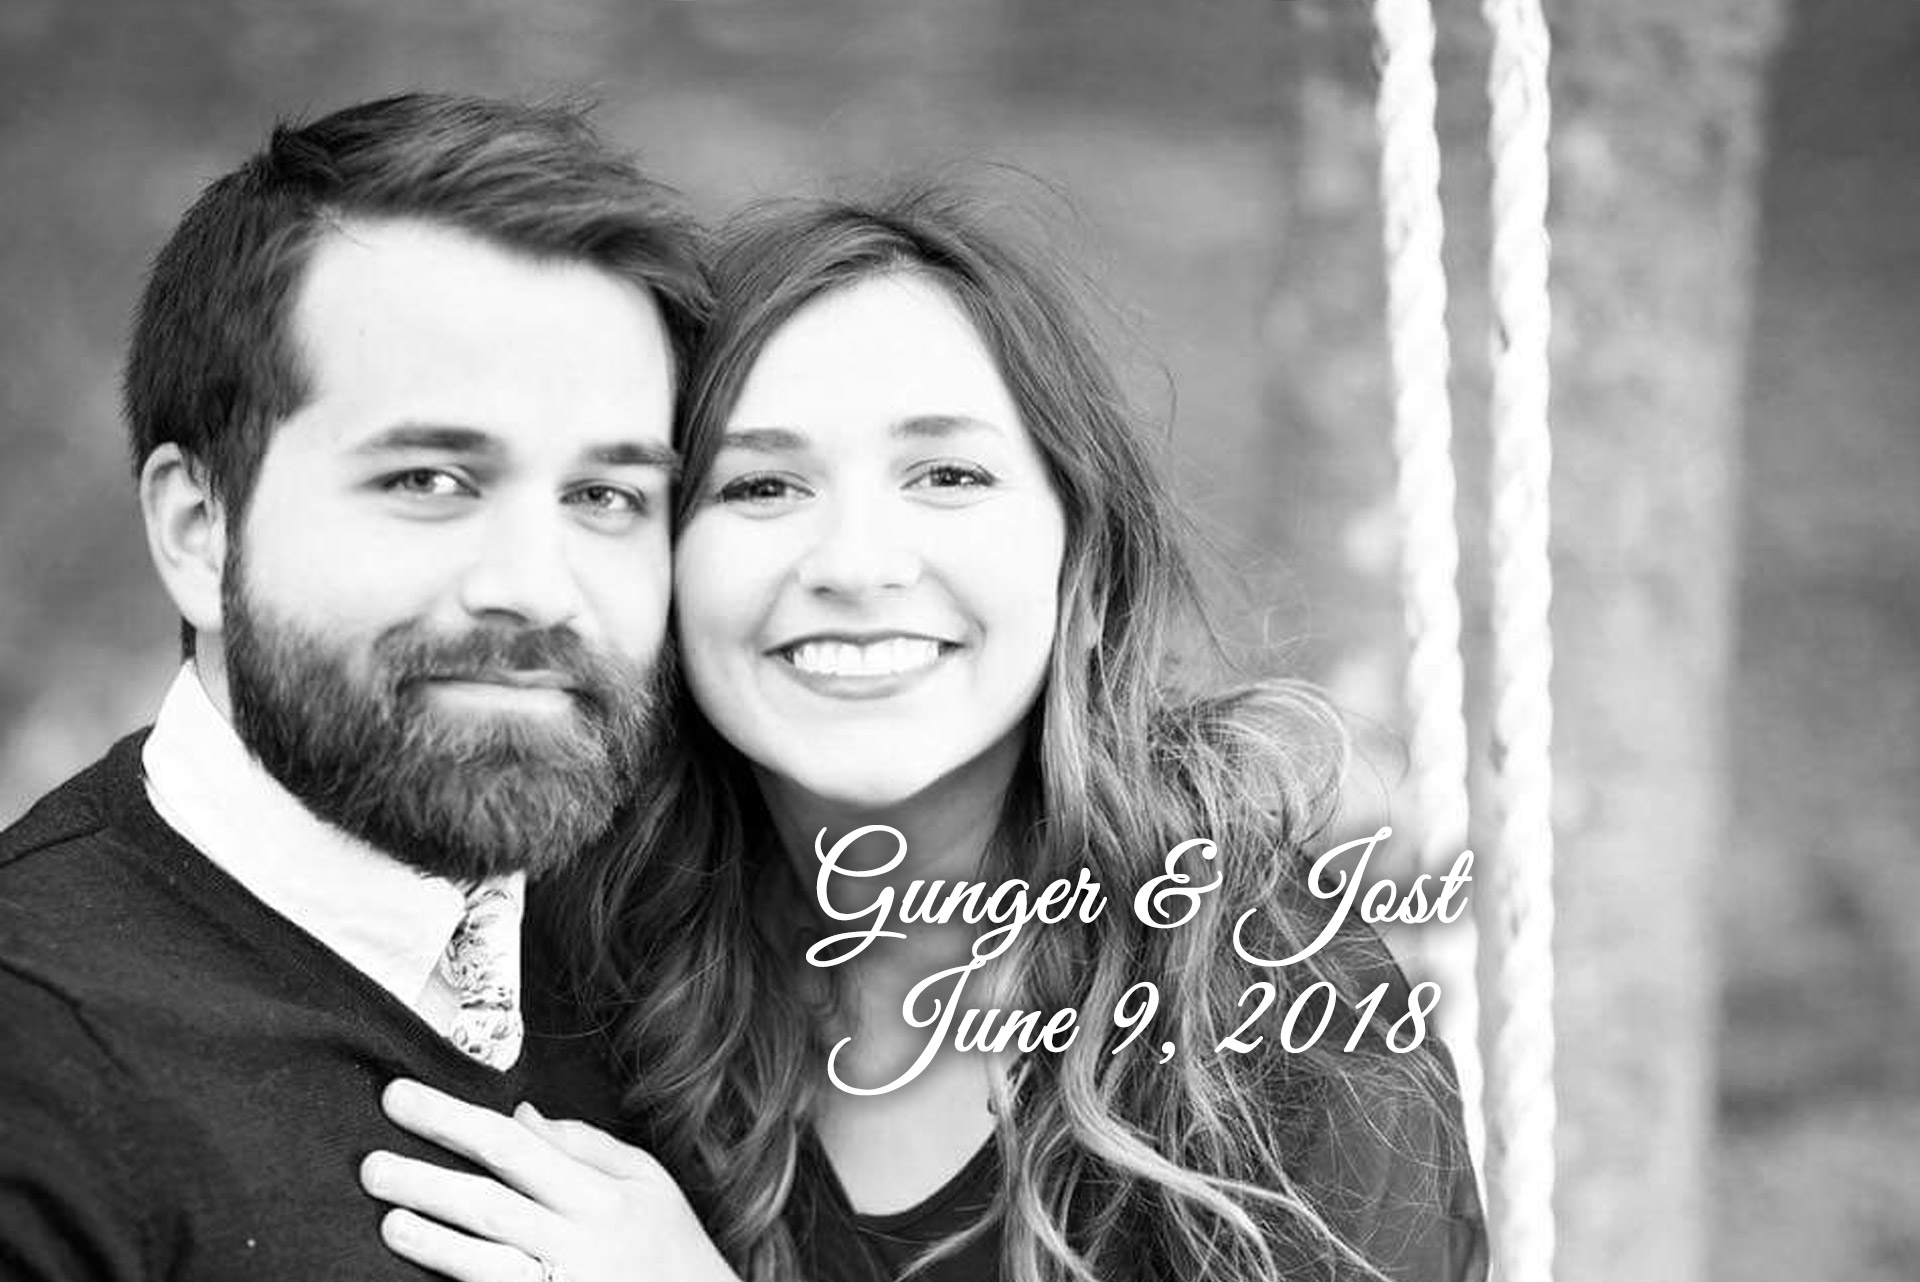 Gunger-Jost Remnant Fellowship Wedding